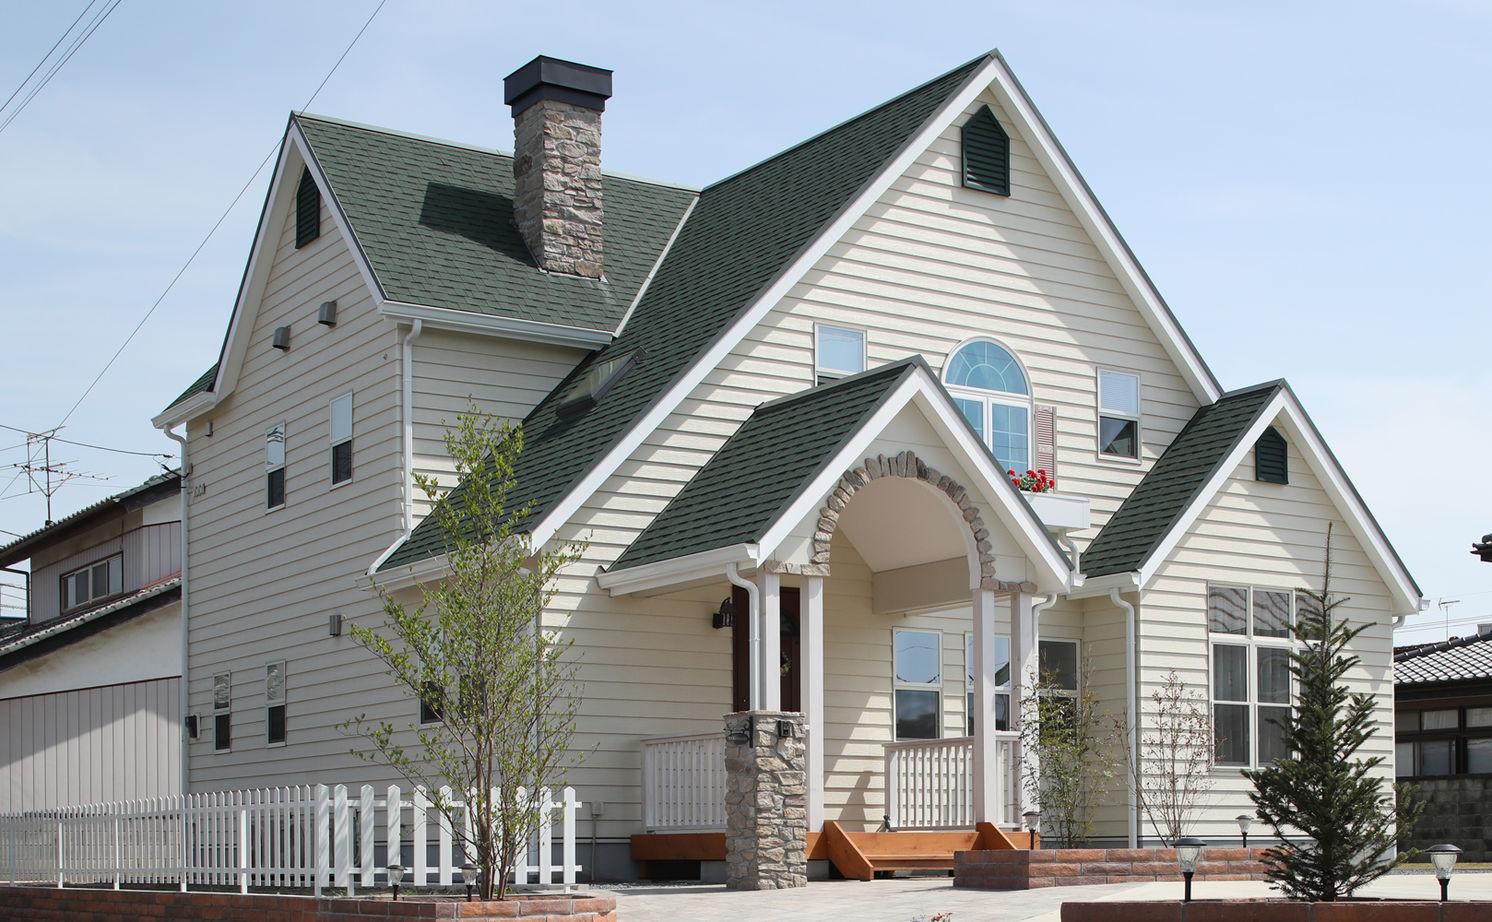 暮らしを彩る大好きなデザイン。青空と花が似合う三角屋根のラップサイディングの家画像1